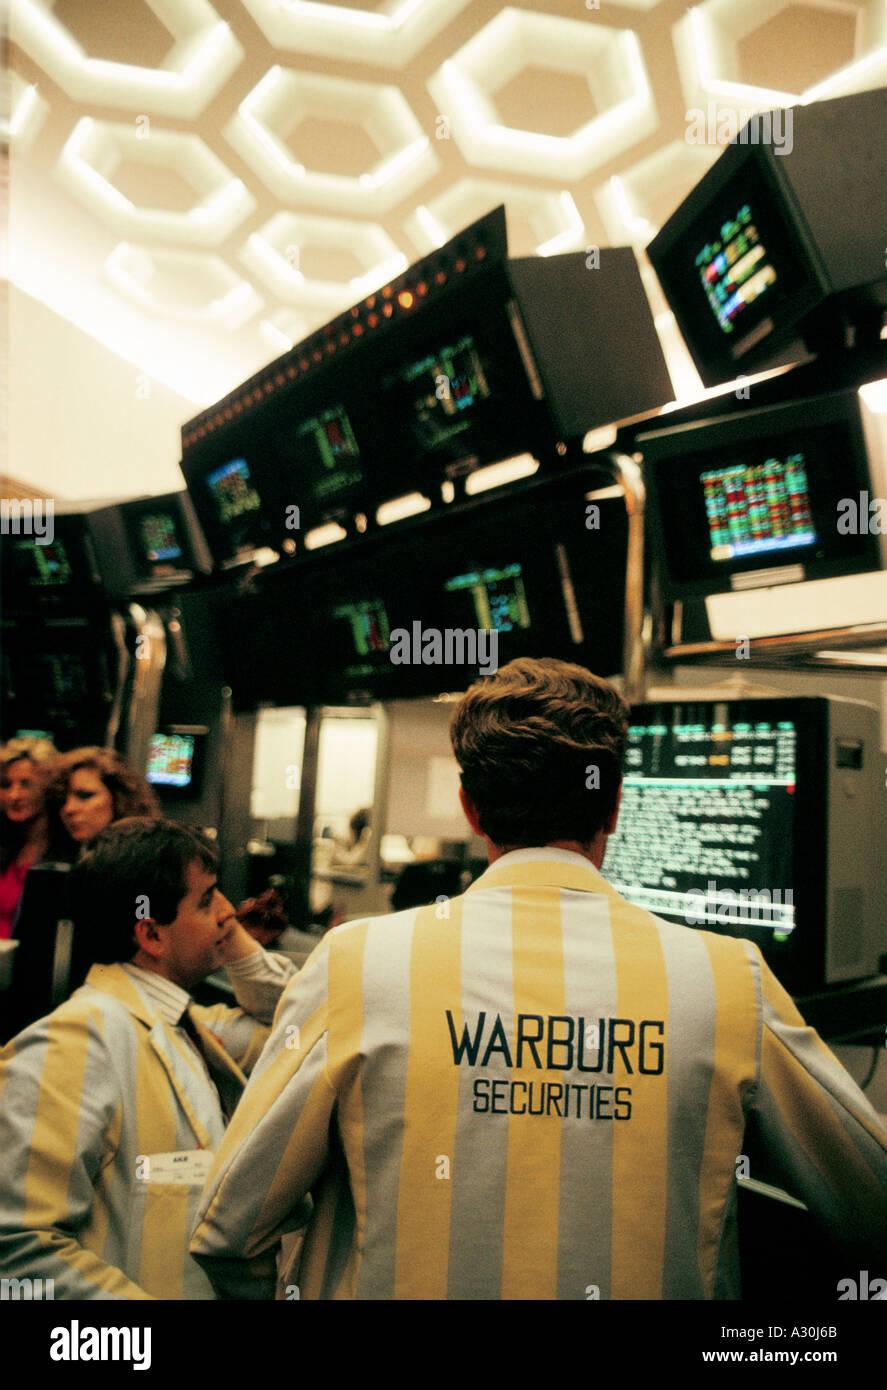 Les commerçants de la vieille bourse marché des options des Années 1980 Années 1990 Équité en matière d'action traitant, warburgs Merchant Bank Photo Stock